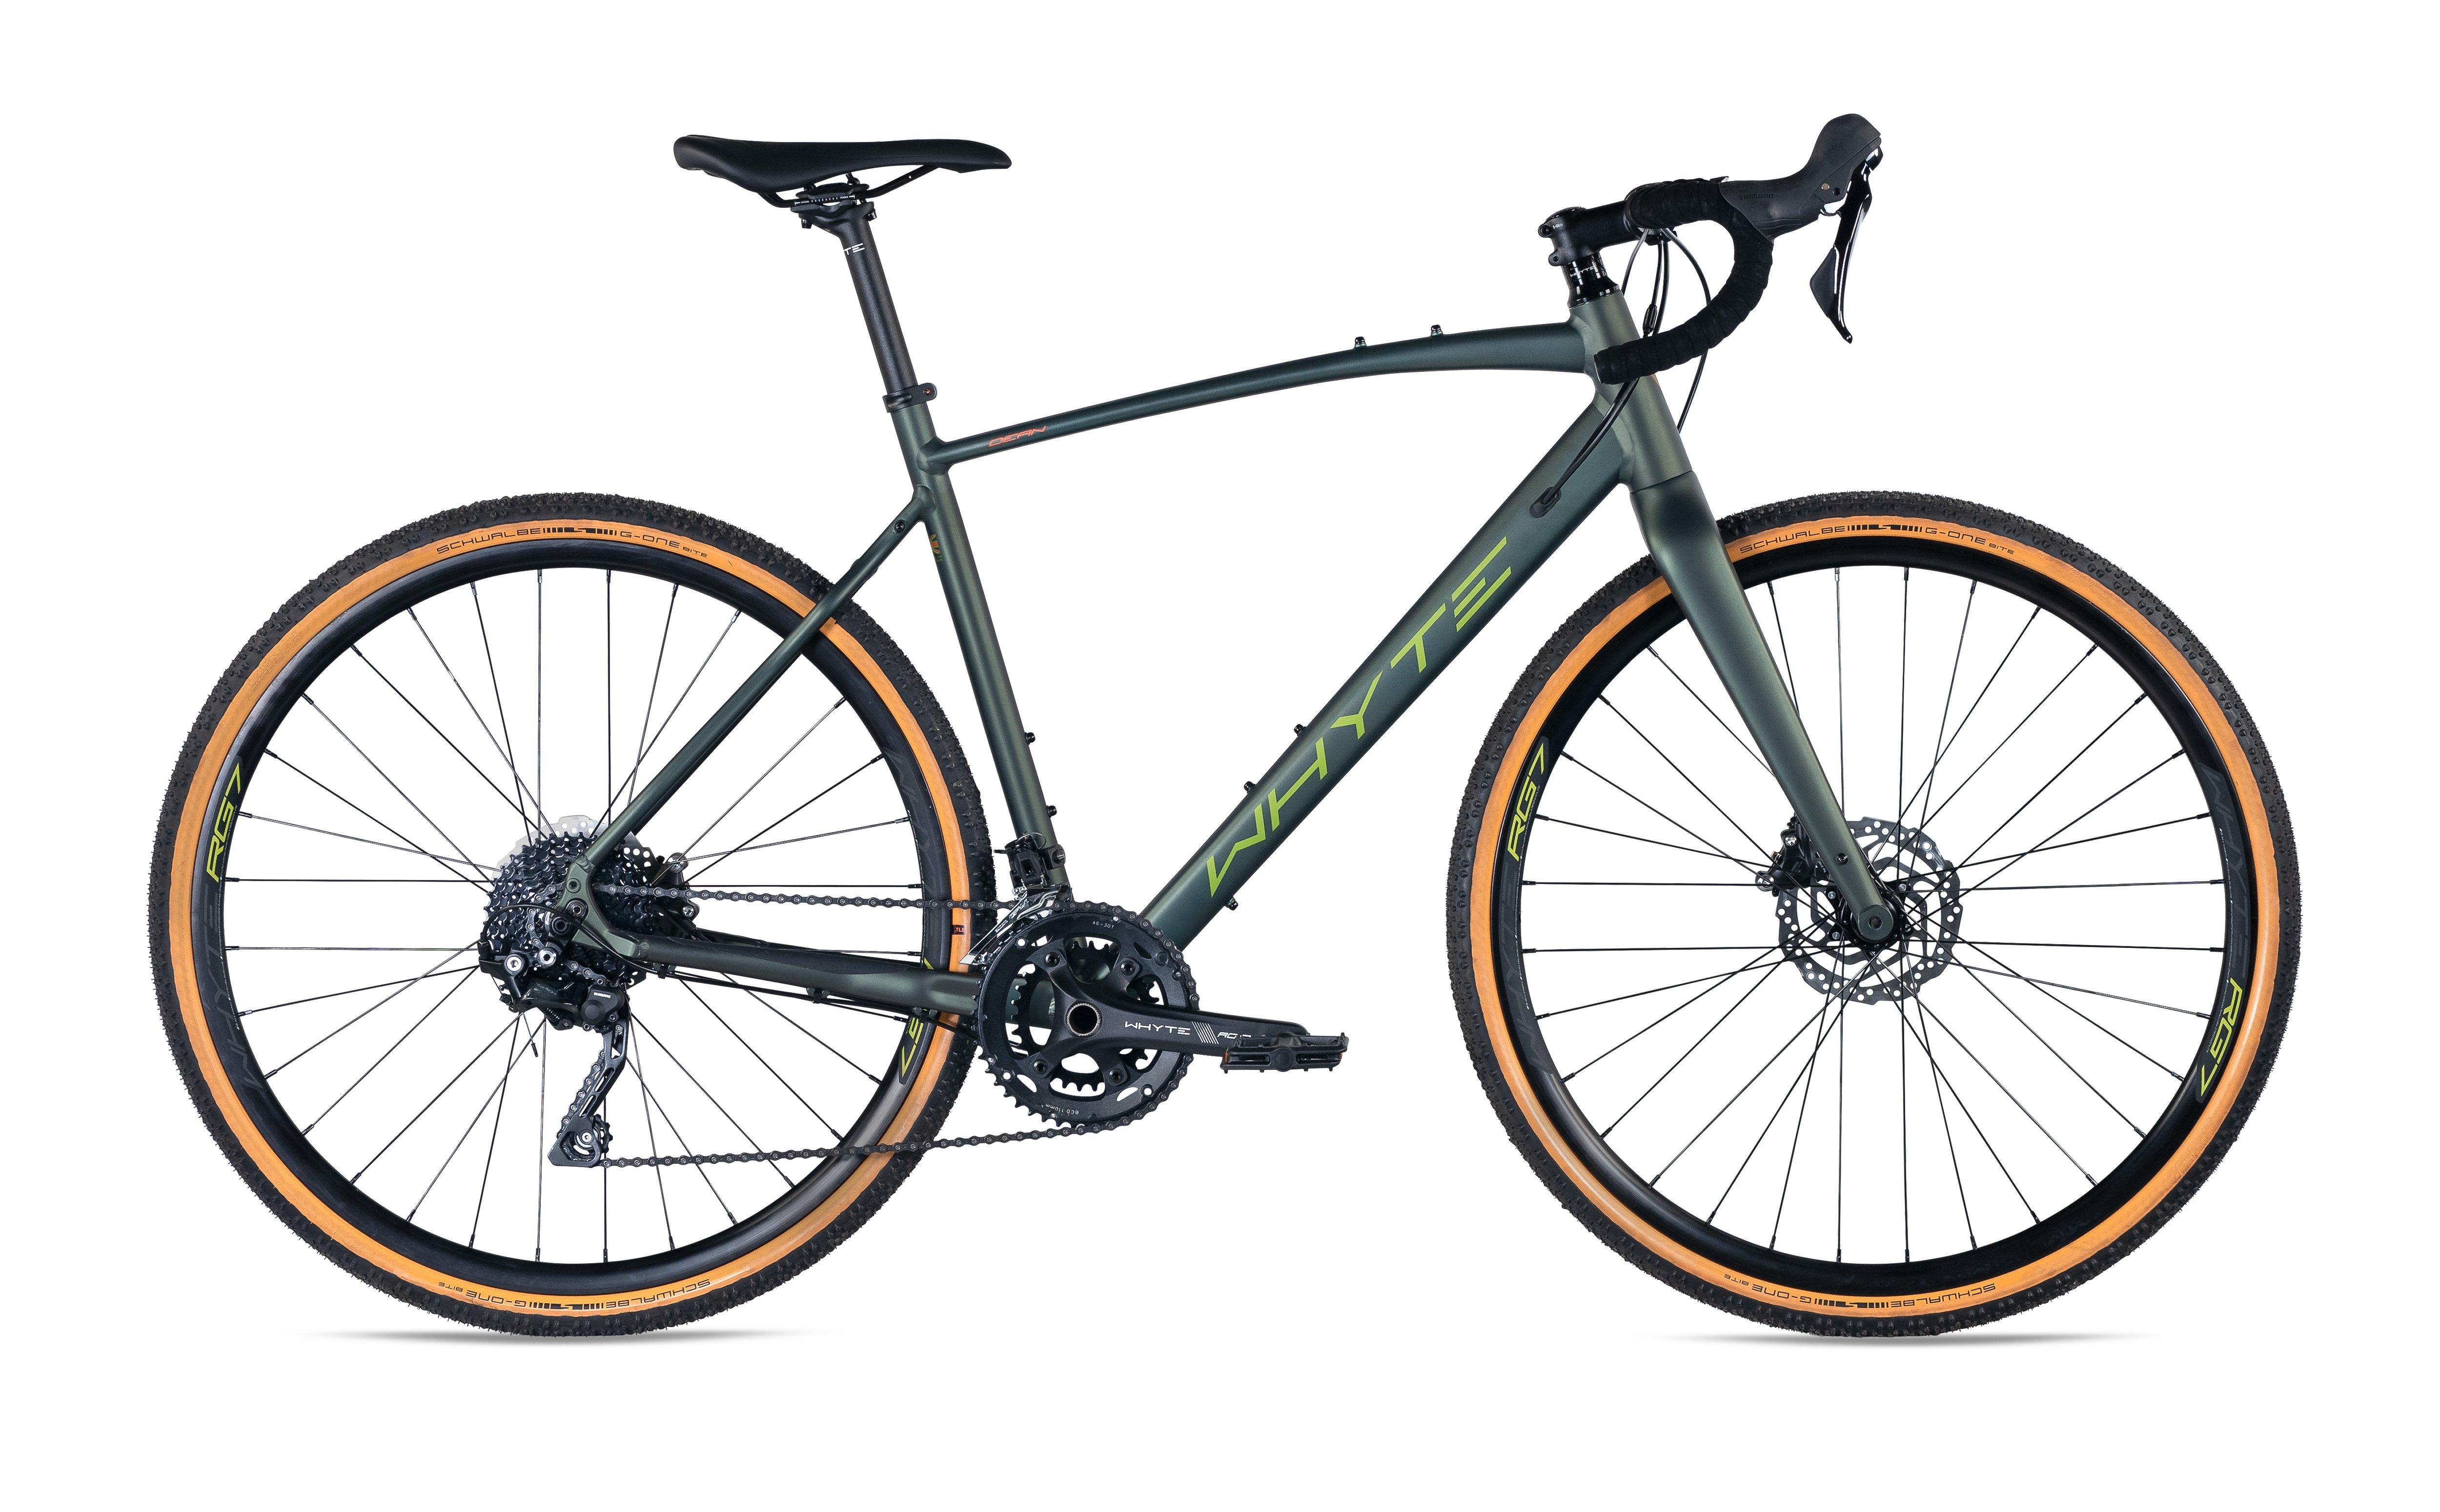 Whyte Dean Shimano 10spd Gravel Bike 2022 Matt Moss Olive/Burnt Orange